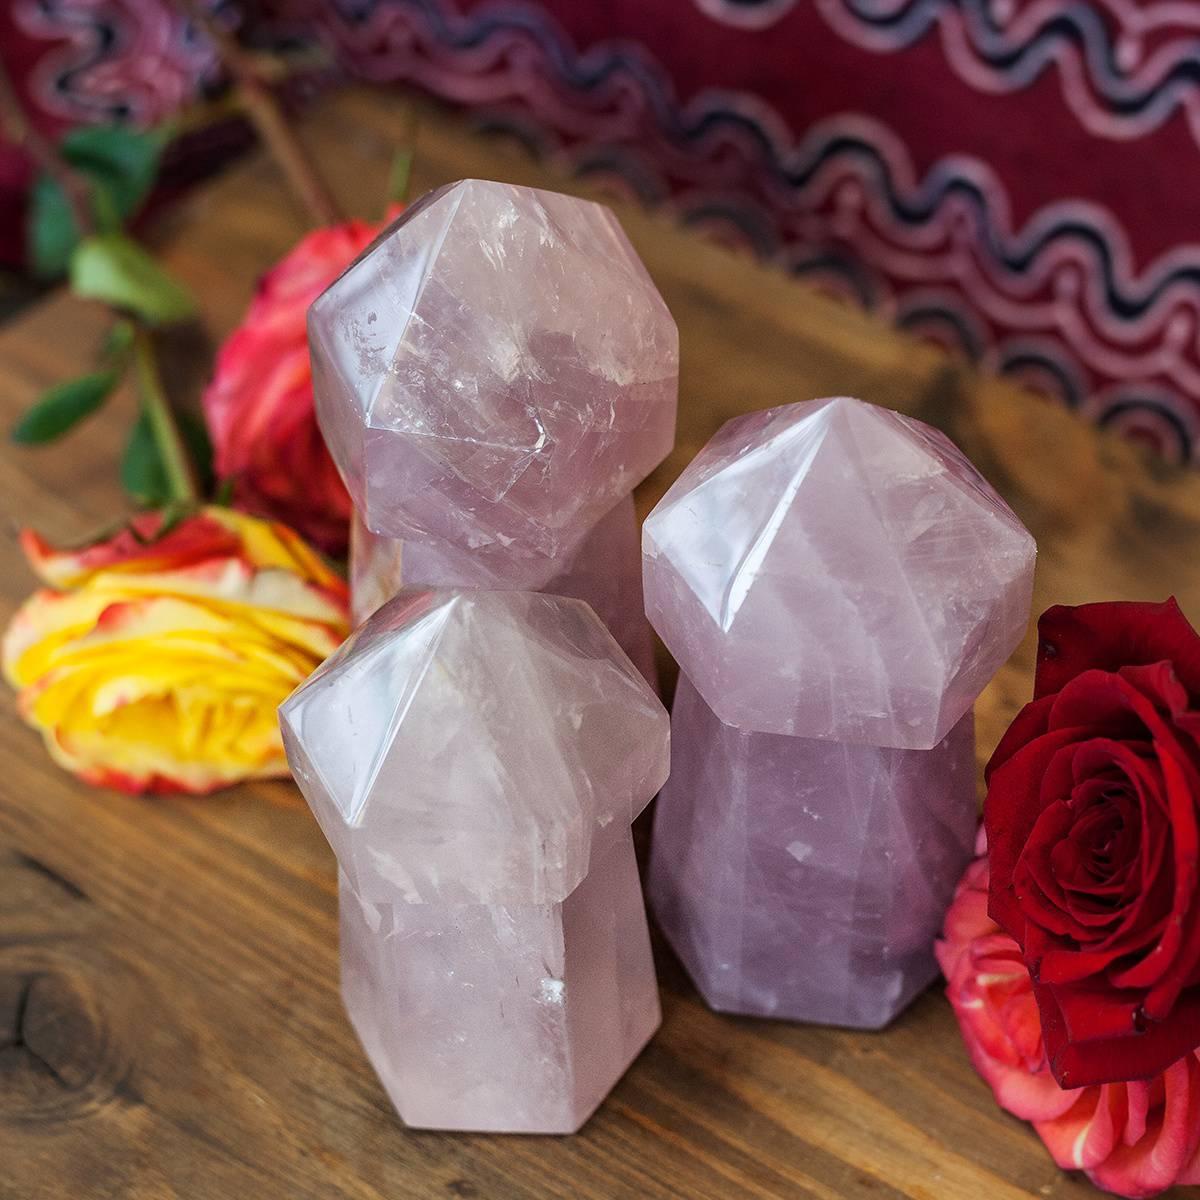 rose quartz scepter 6_2 secondardy